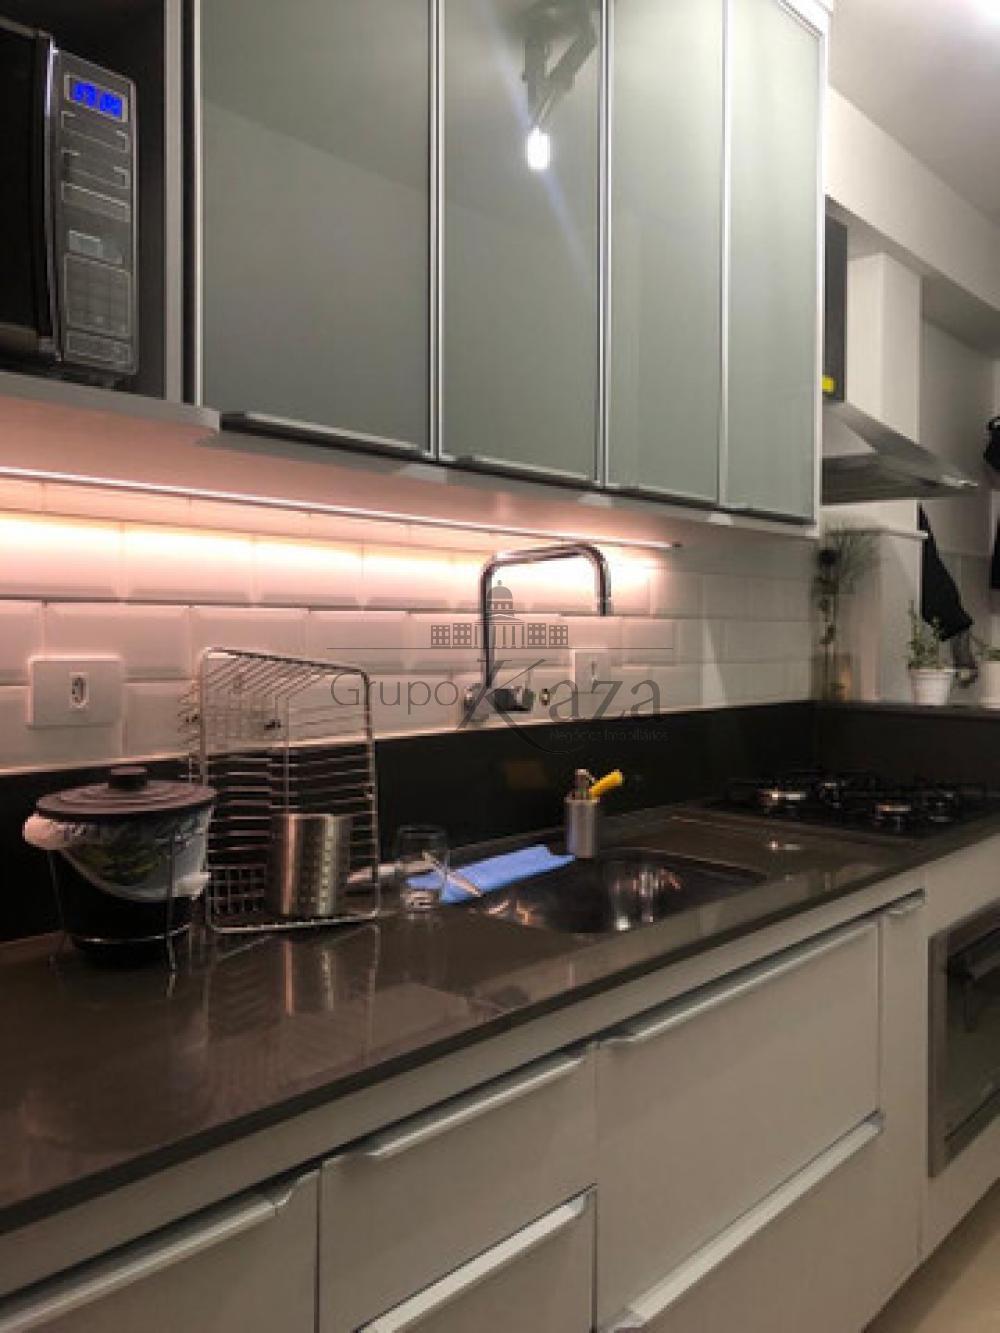 Comprar Apartamento / Padrão em São José dos Campos apenas R$ 375.000,00 - Foto 3